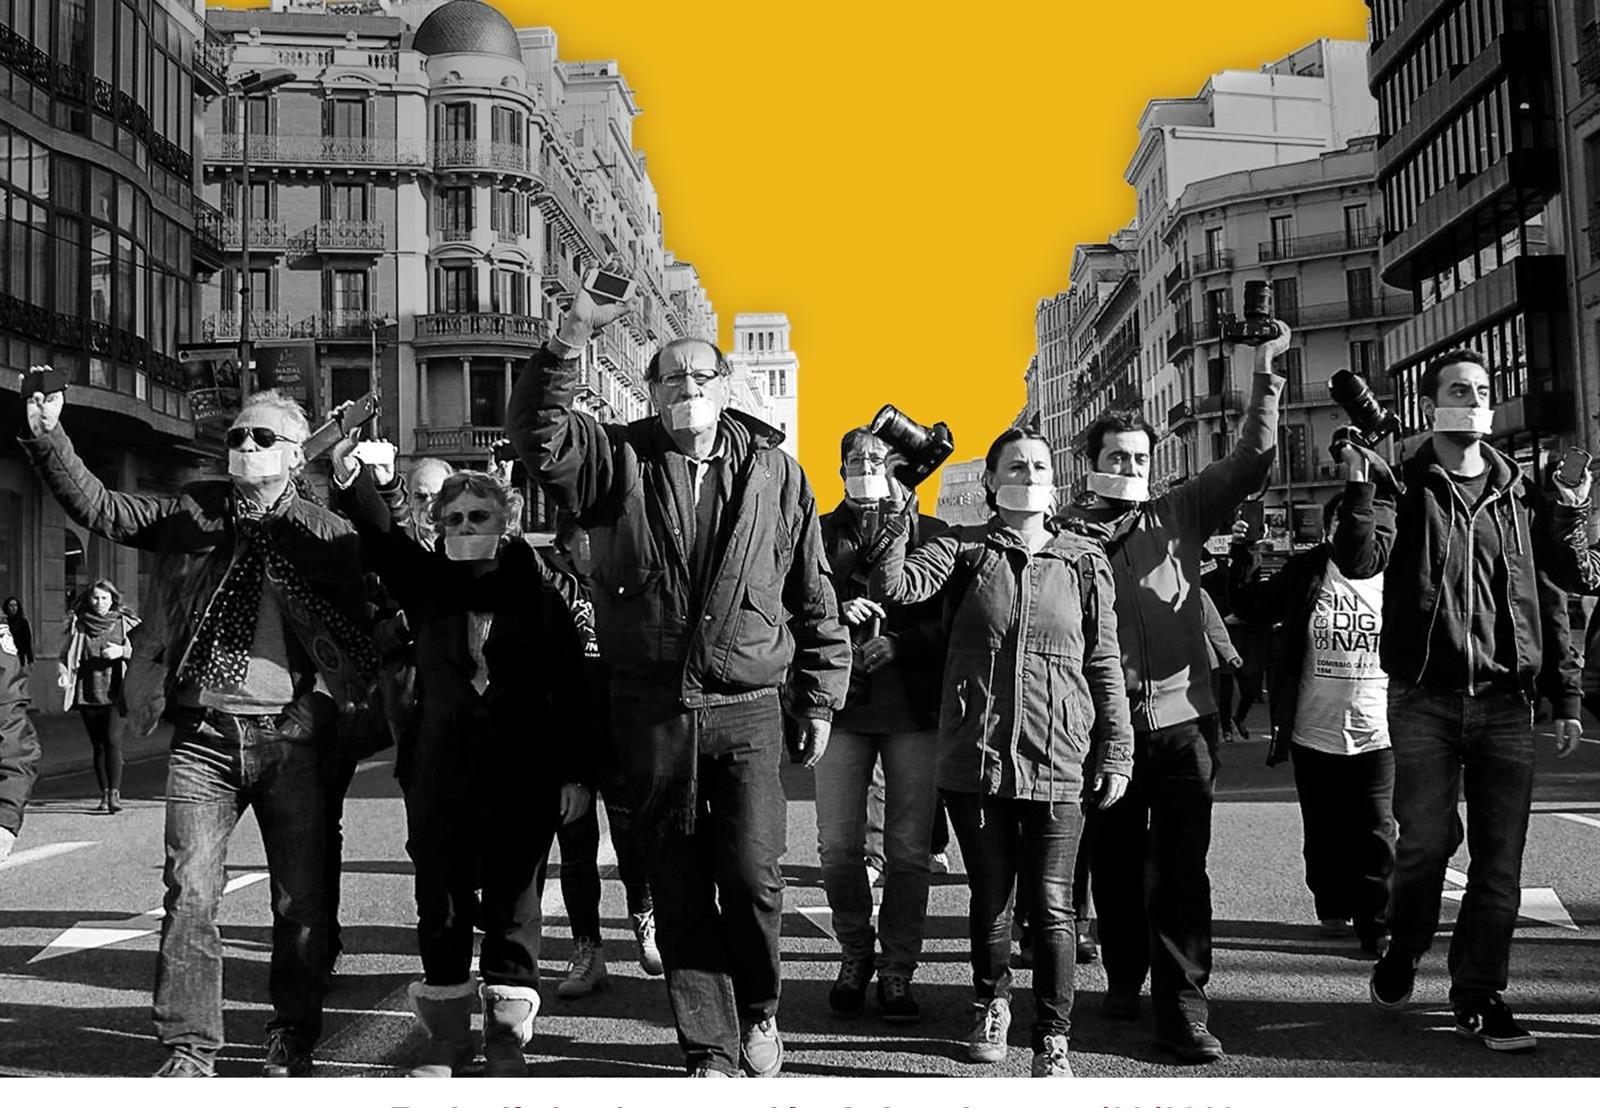 Convocado un certamen audiovisual para cortos sobre defensa de los derechos humanos